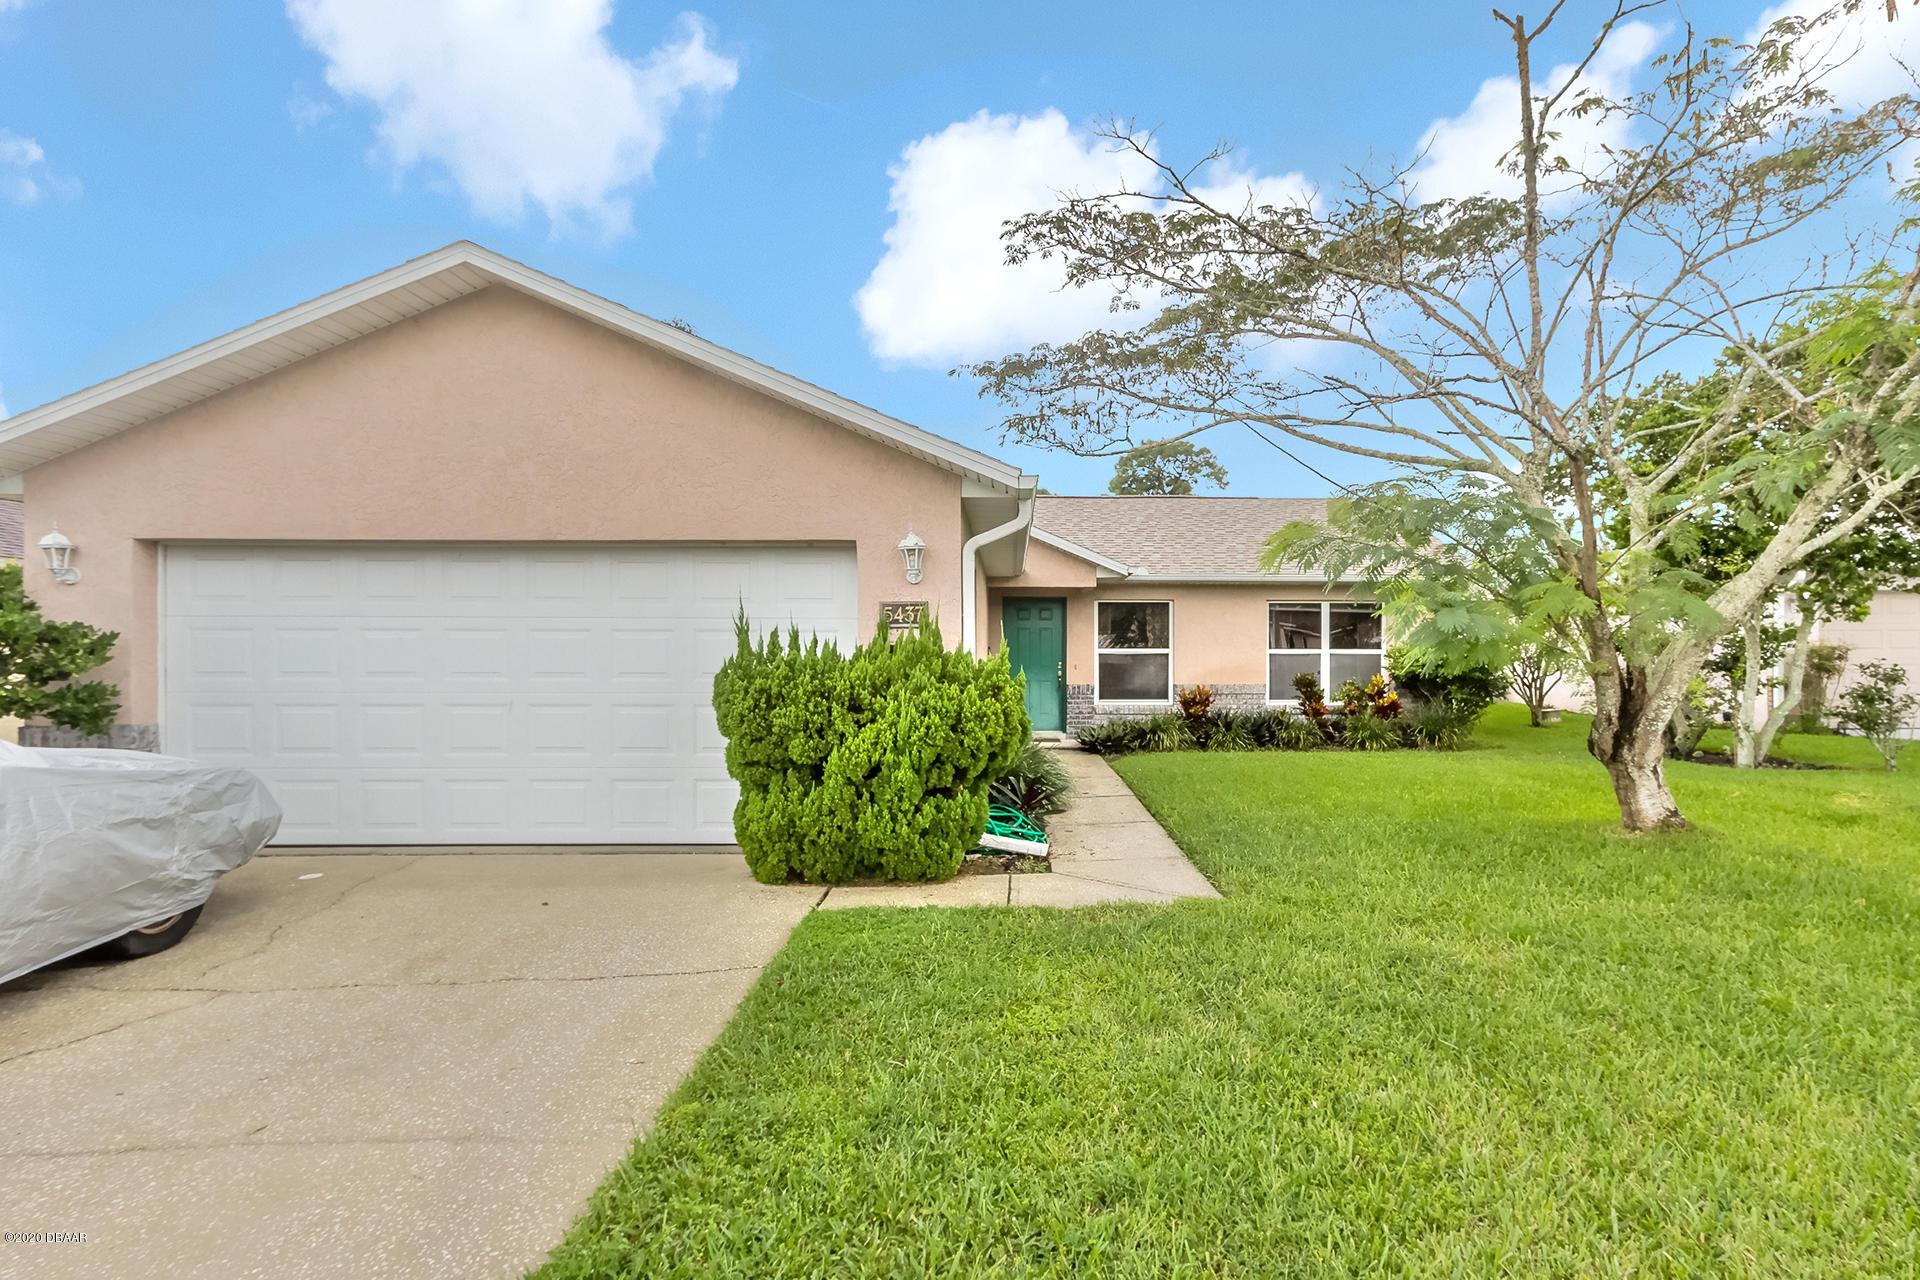 Photo of 5437 Landis Avenue, Port Orange, FL 32127